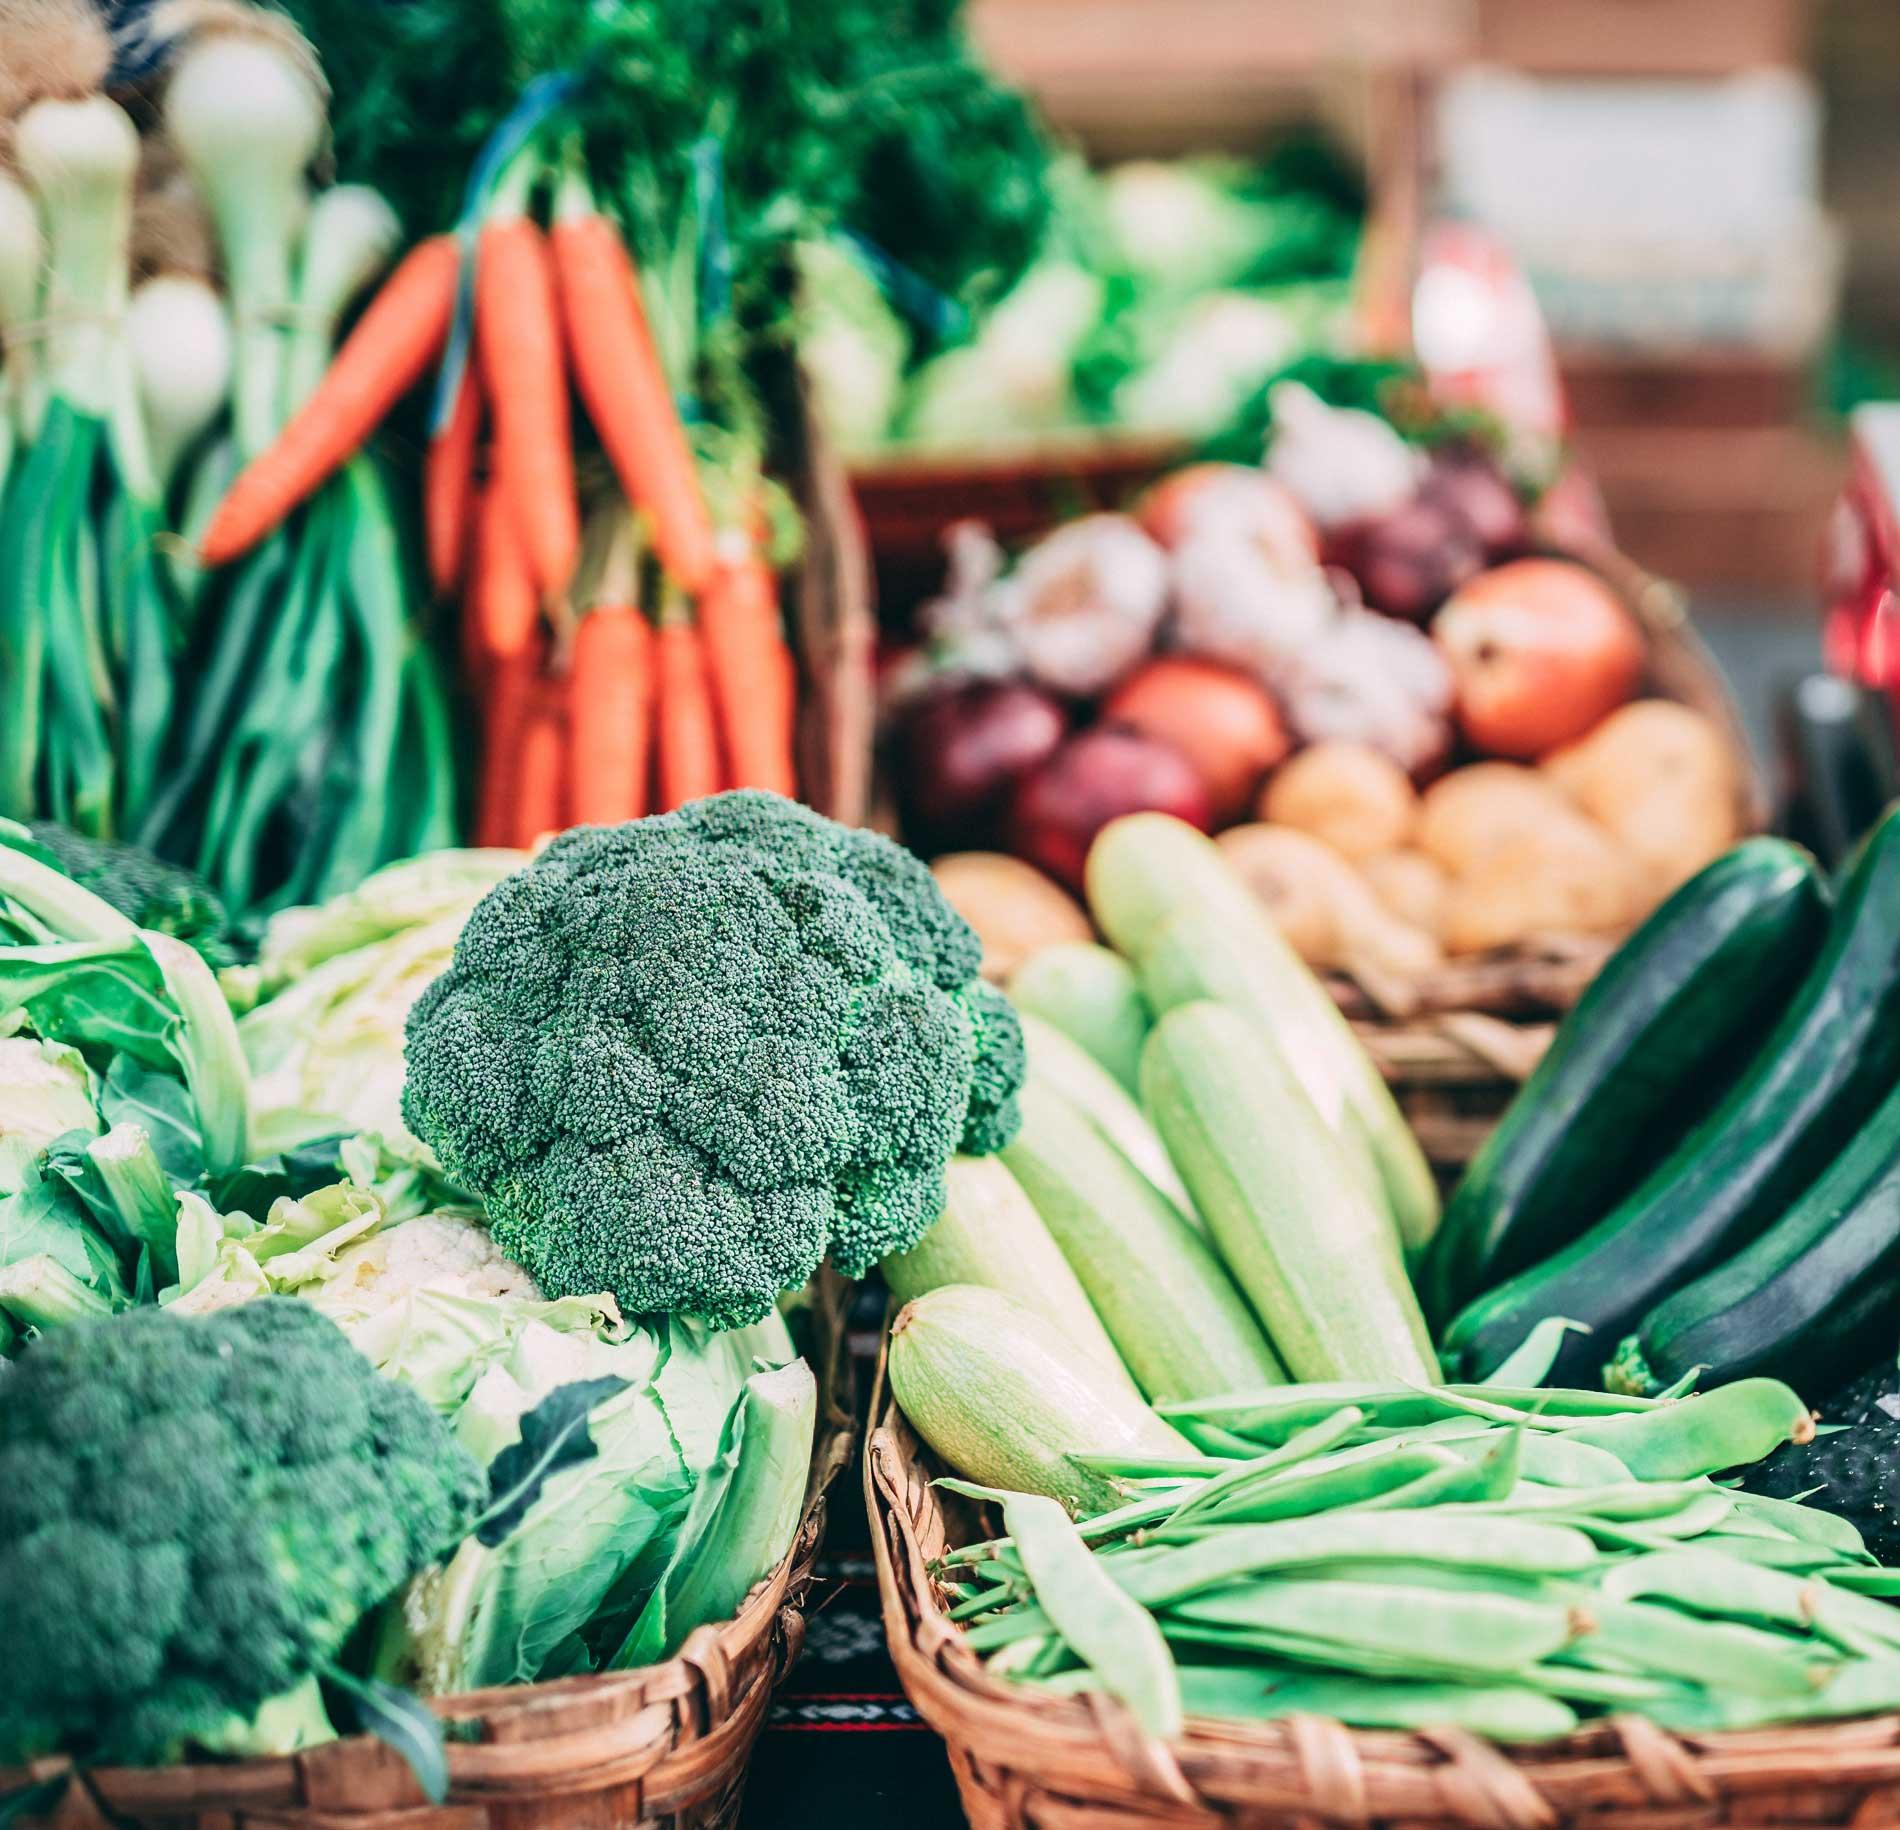 Saisonkalender, die schönsten Saisonkalender, Saisonkalender shoppen, Gemüse-Saisonkalender, Obst-Saisonkalnder, bewusst leben mit Saisonkalender, ElisaZunder Blogazine